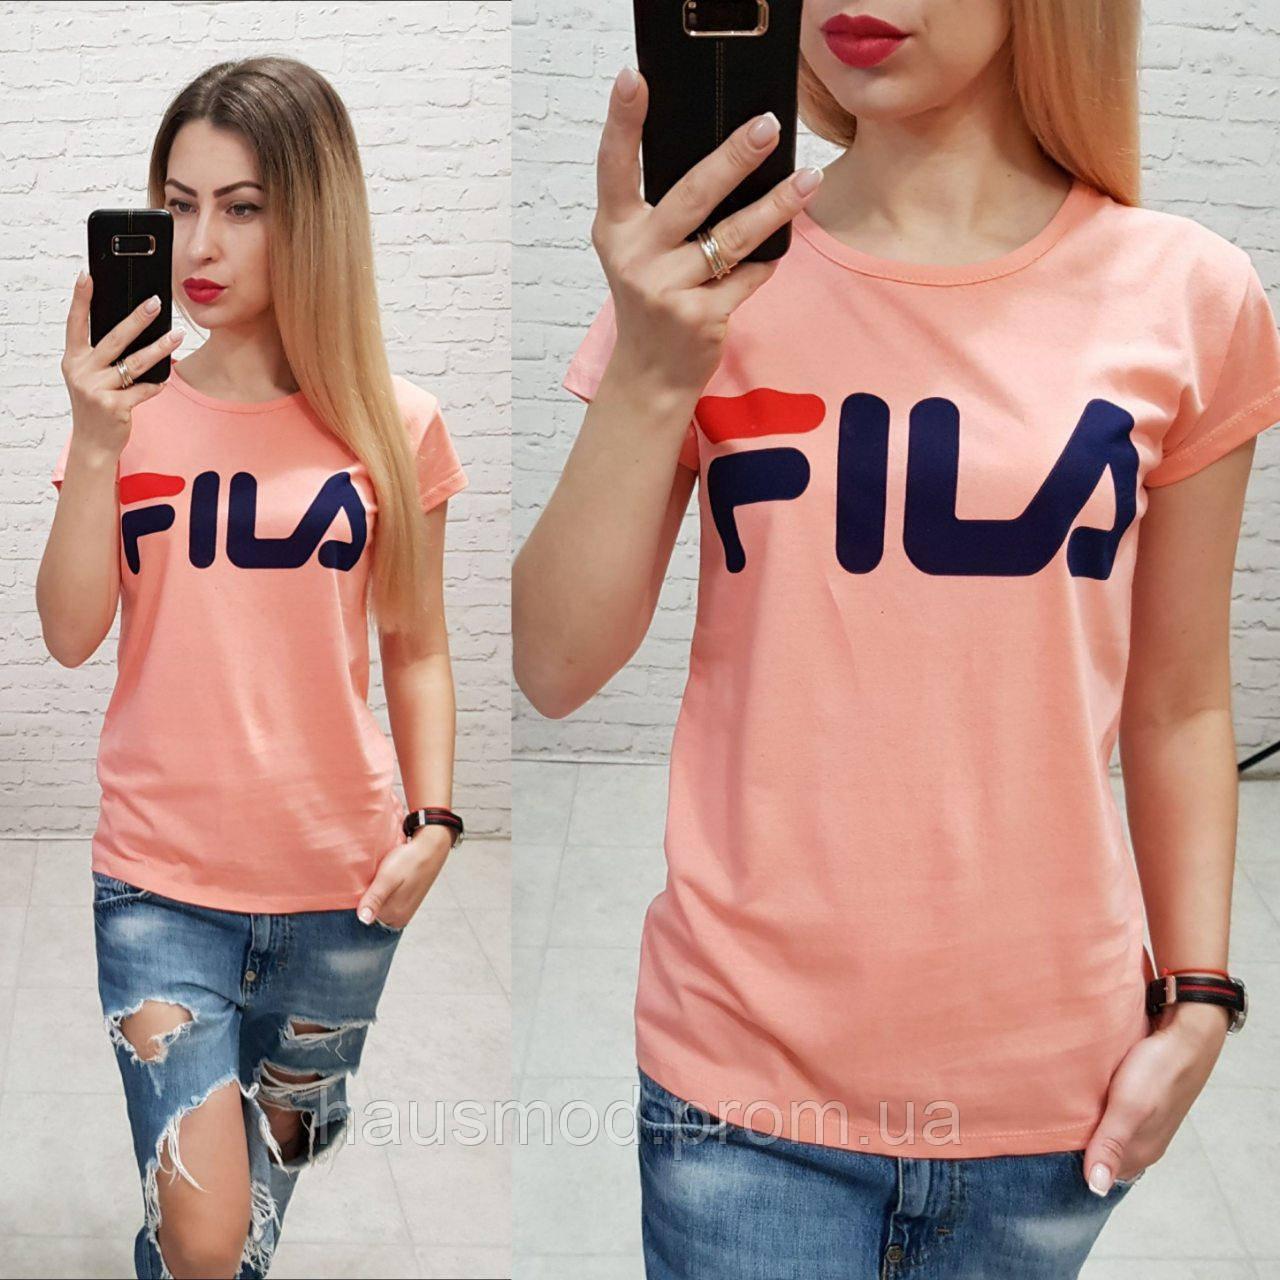 Женская футболка реплика Fila Турция 100% катон персиковая